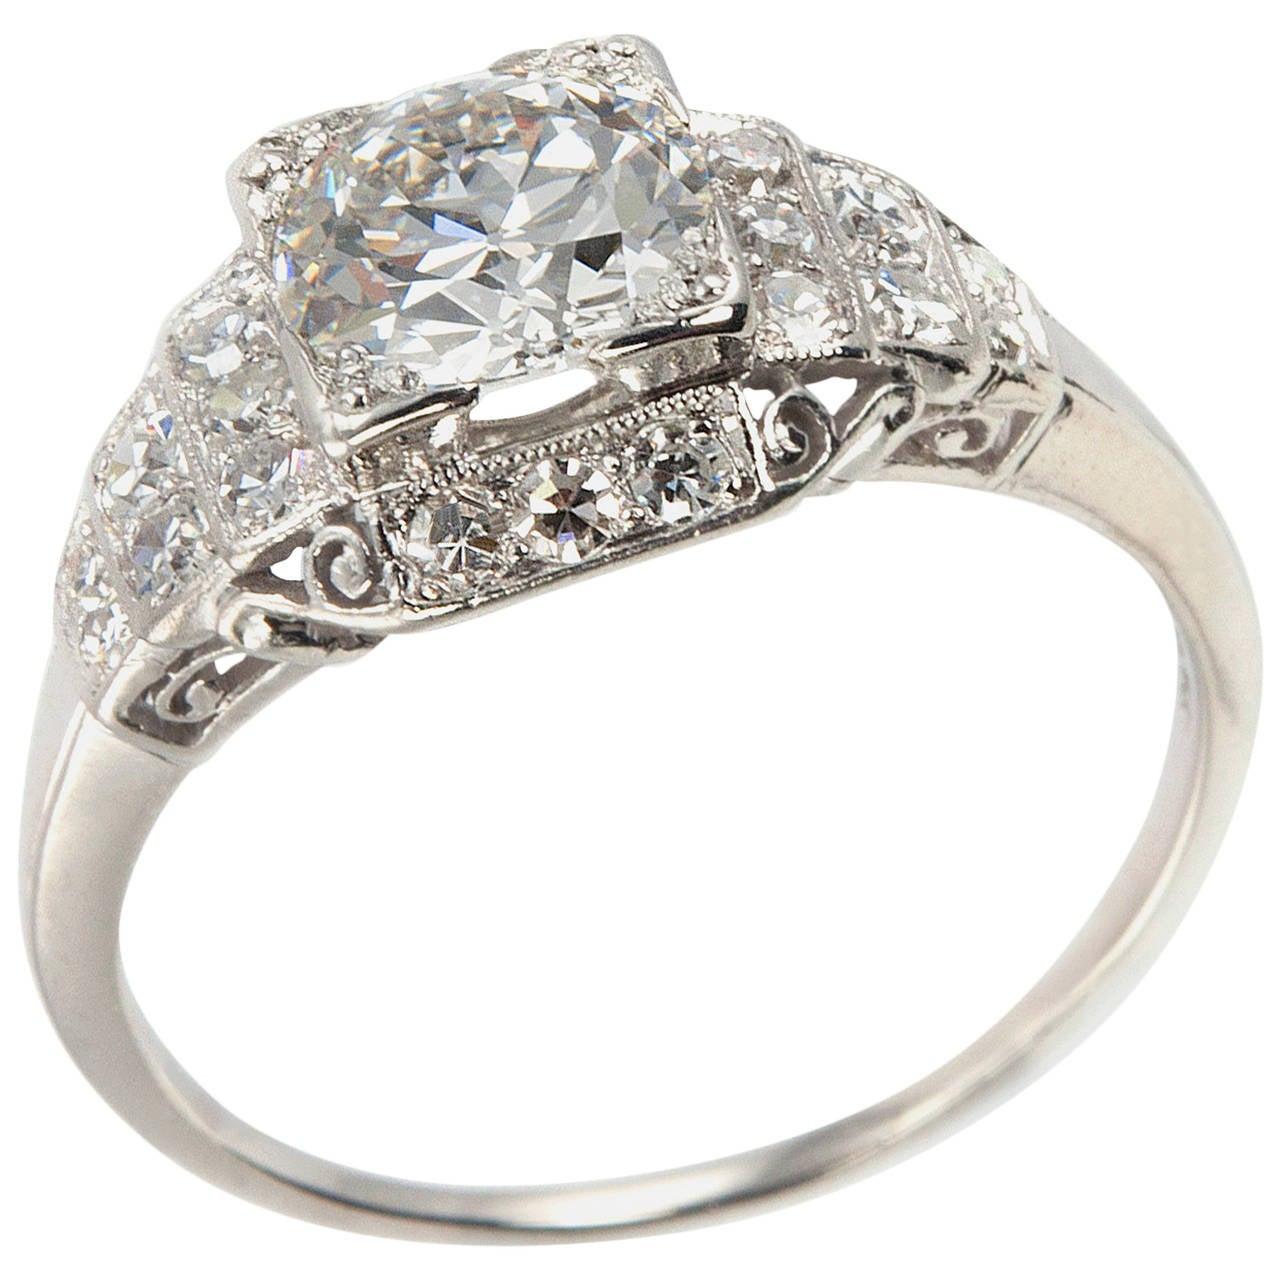 Art Deco 1.04 Carat Old European Cut Diamond platinum Engagement Ring